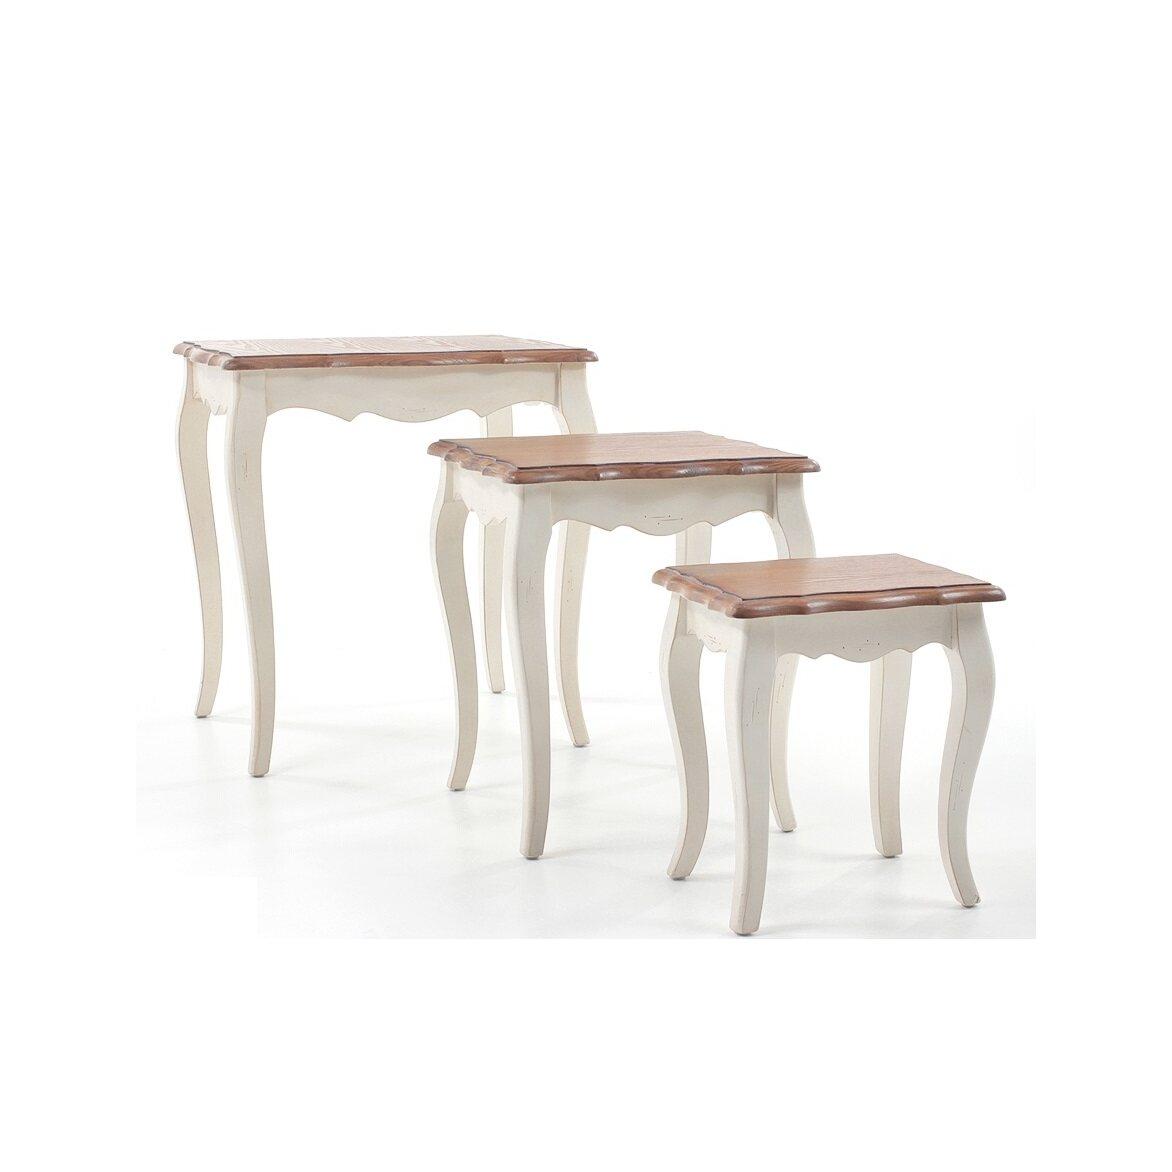 Консольные столики (комплект) Leontina, бежевого цвета 2 | Консоли Kingsby